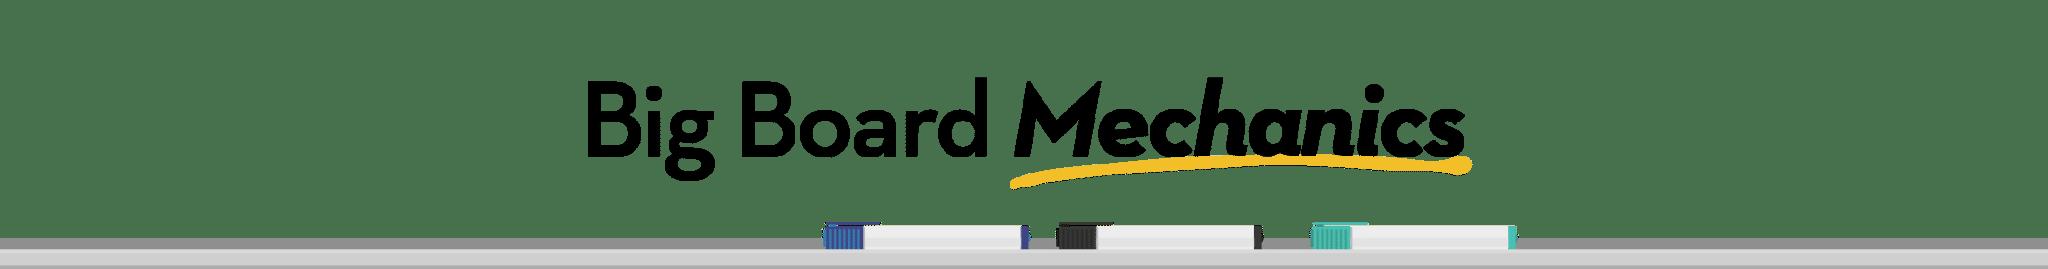 1-big-board-mechanics